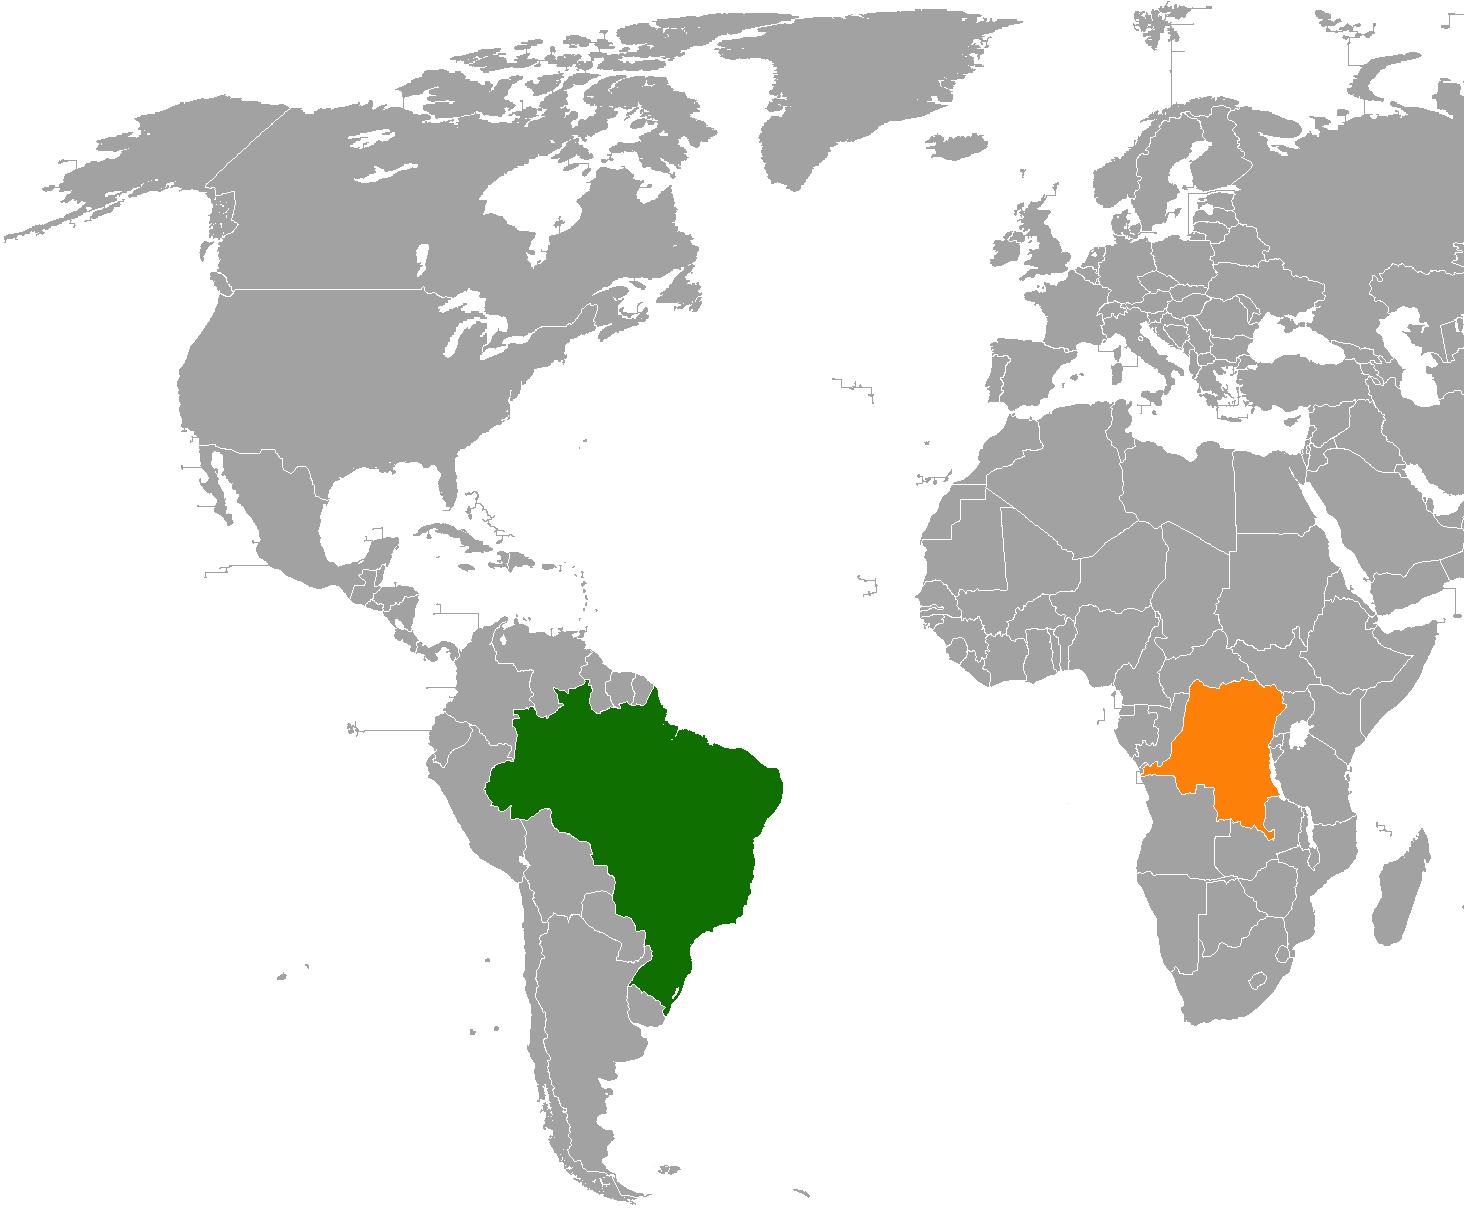 Brazil–Democratic Republic of the Congo relations - Wikipedia